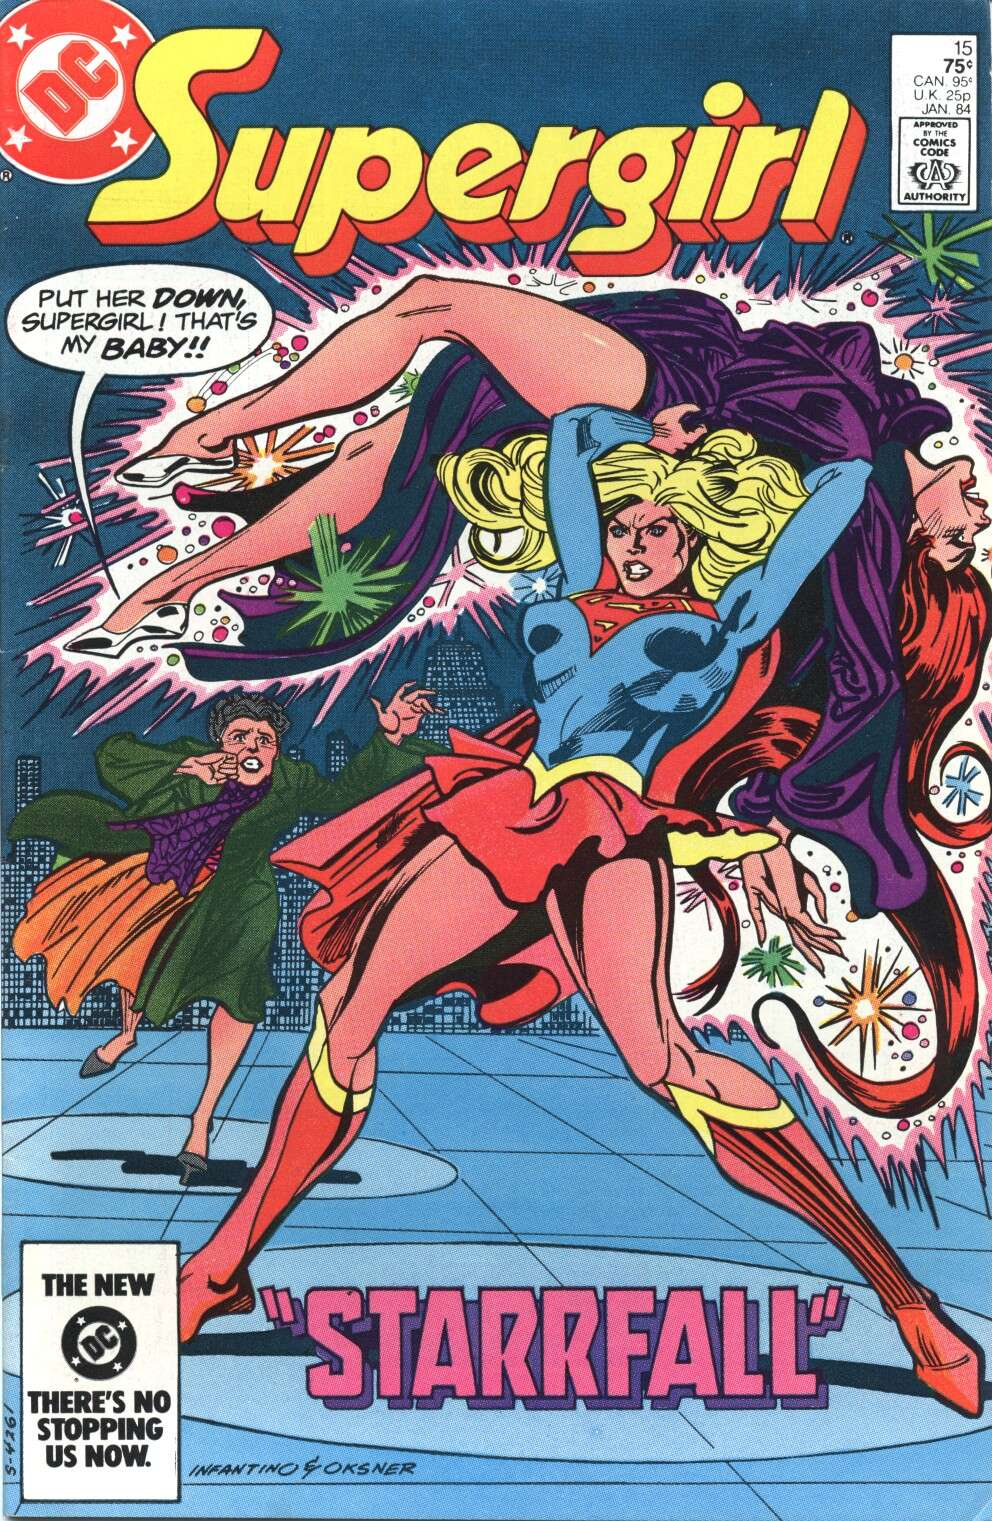 supergirl-loves-cock-jennifer-hudson-sex-and-city